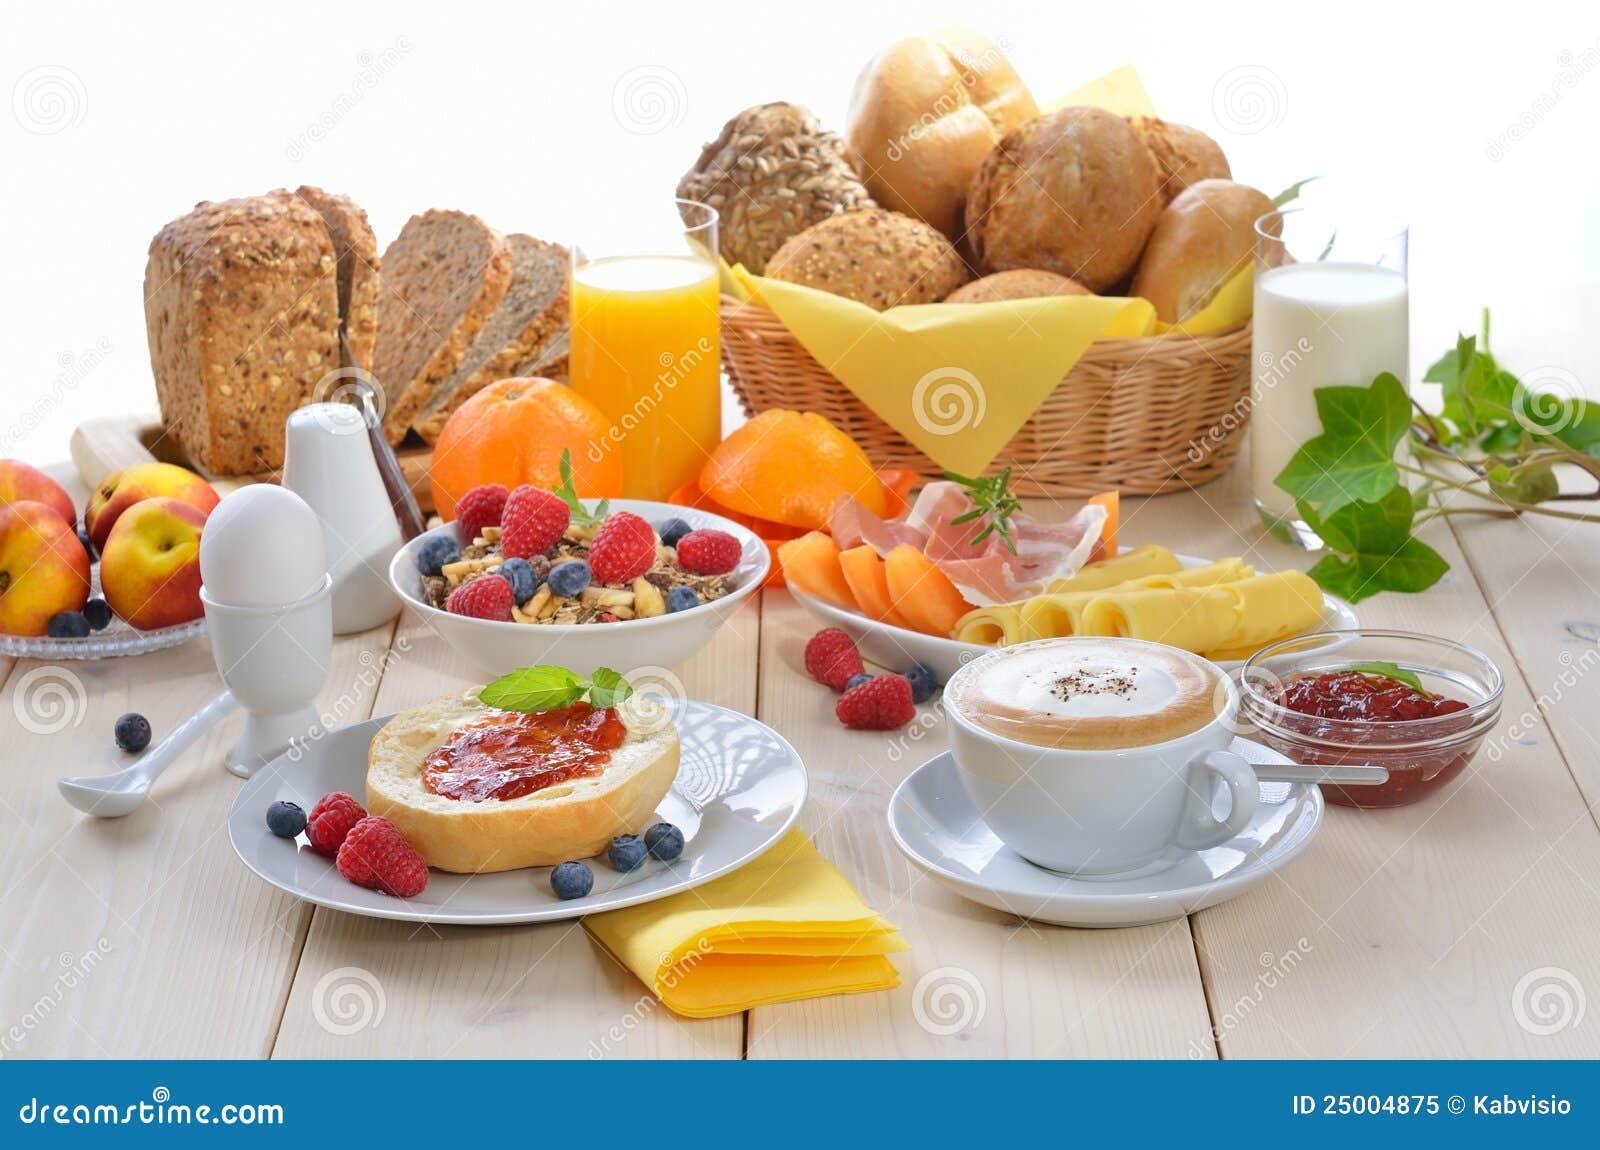 Royalty Free Coffee Basket Of Food